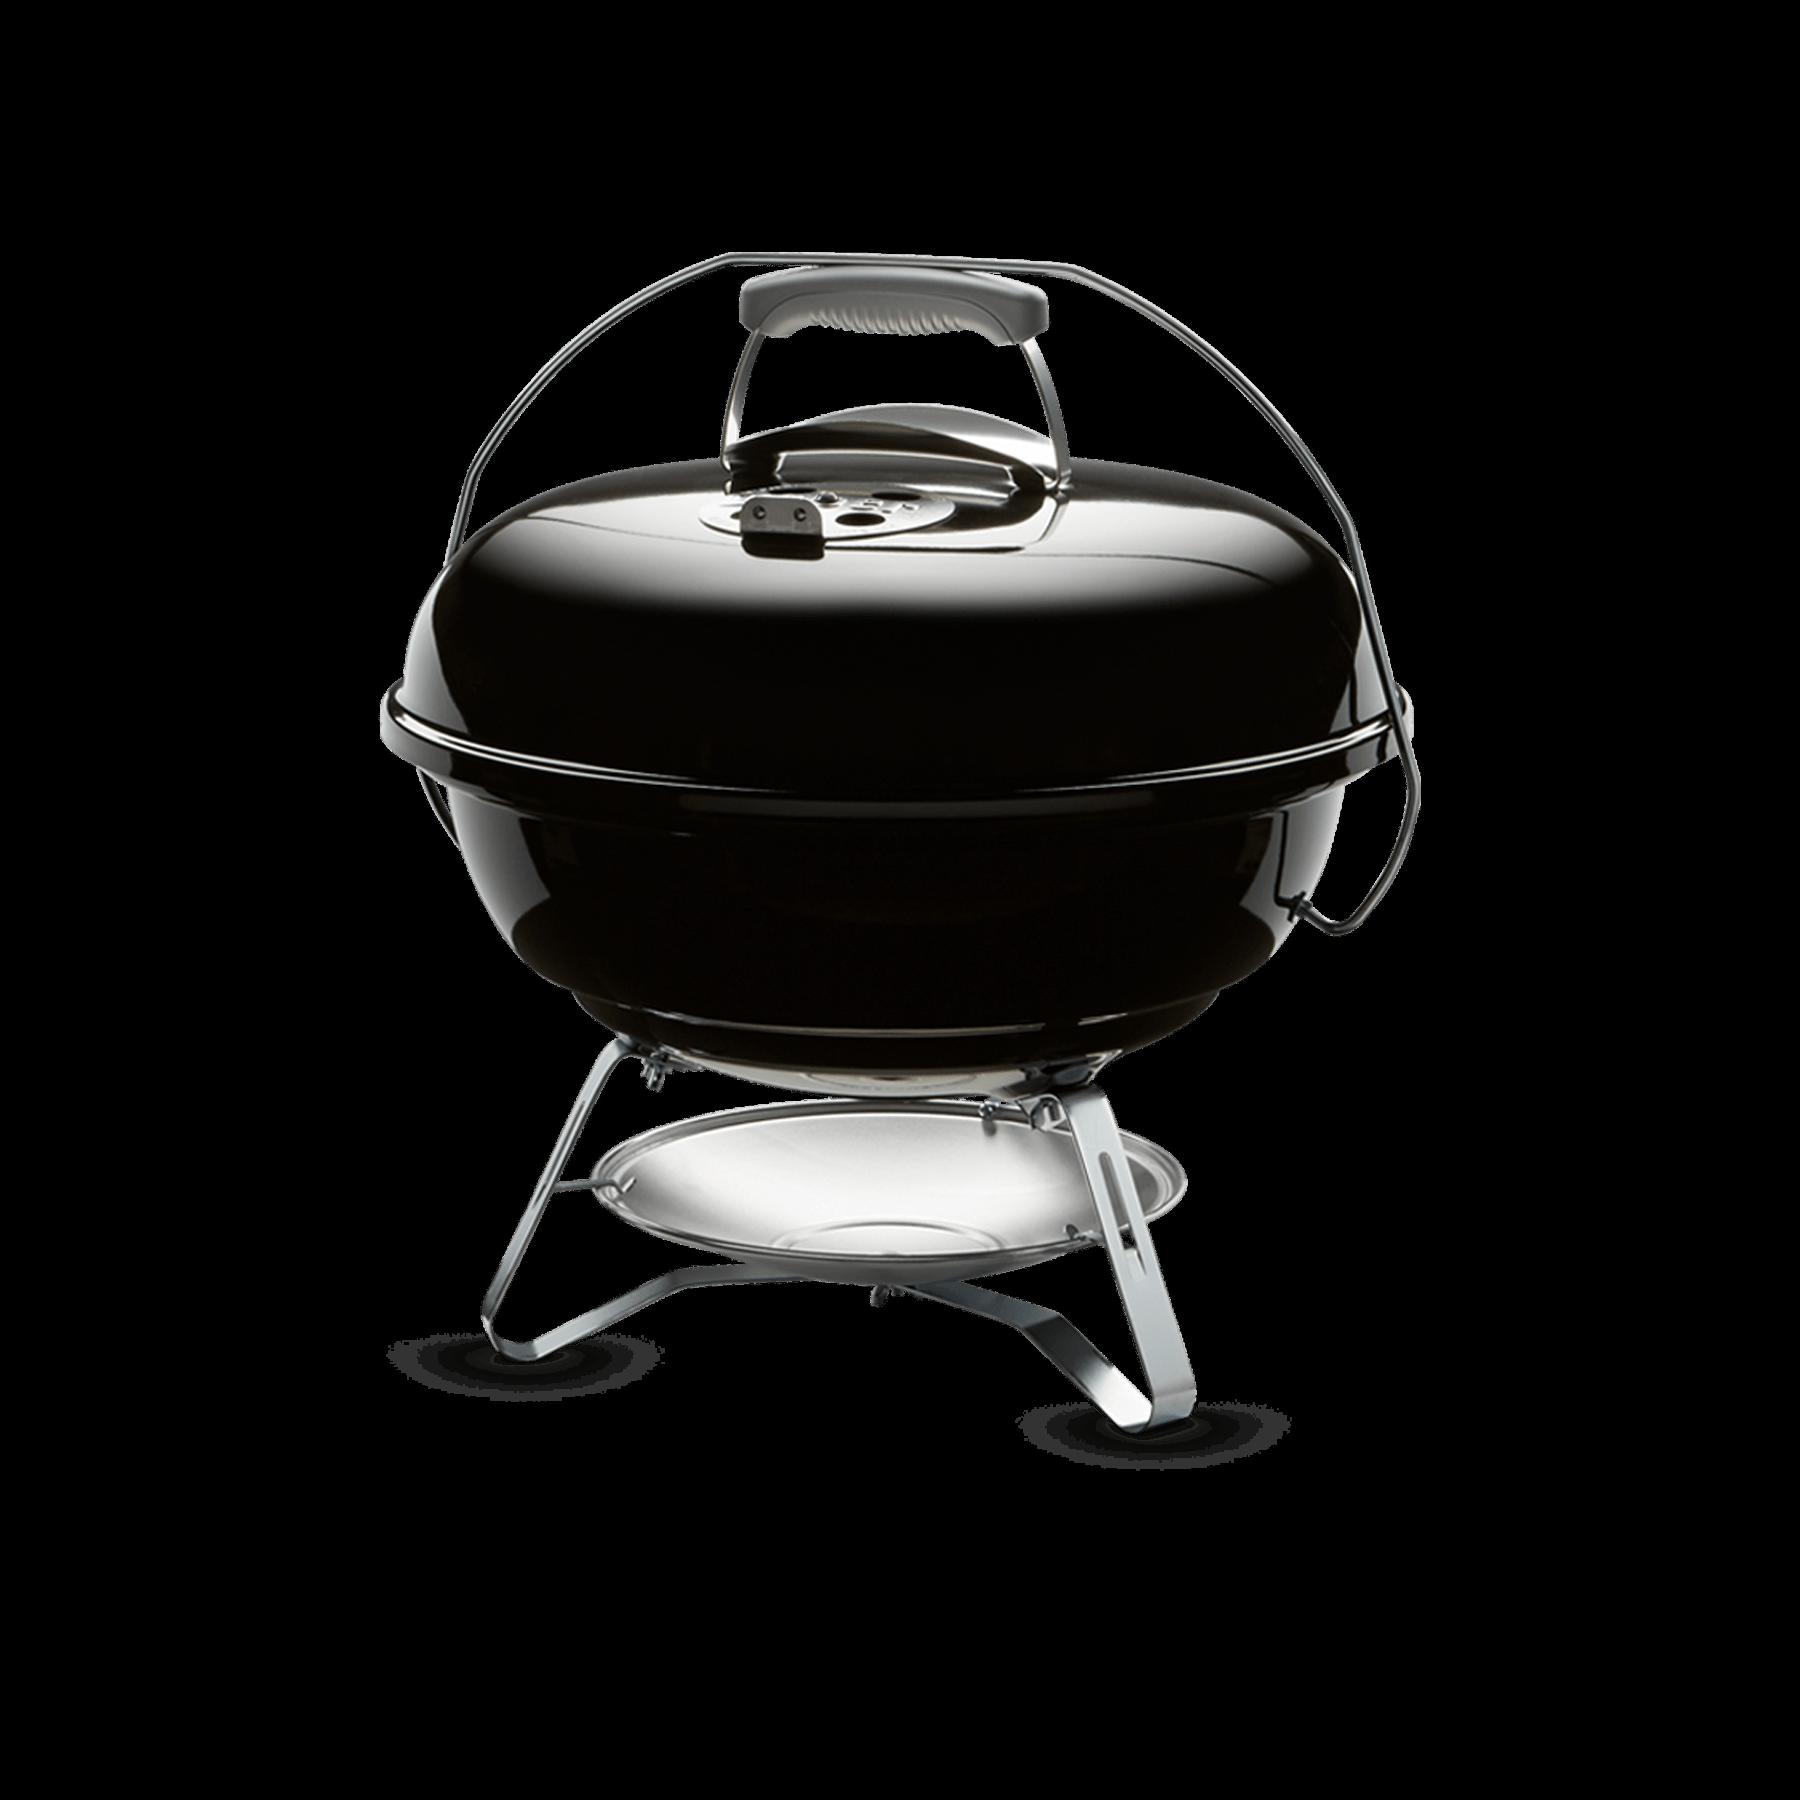 JUMBO JOE 碳烤炉 47cm